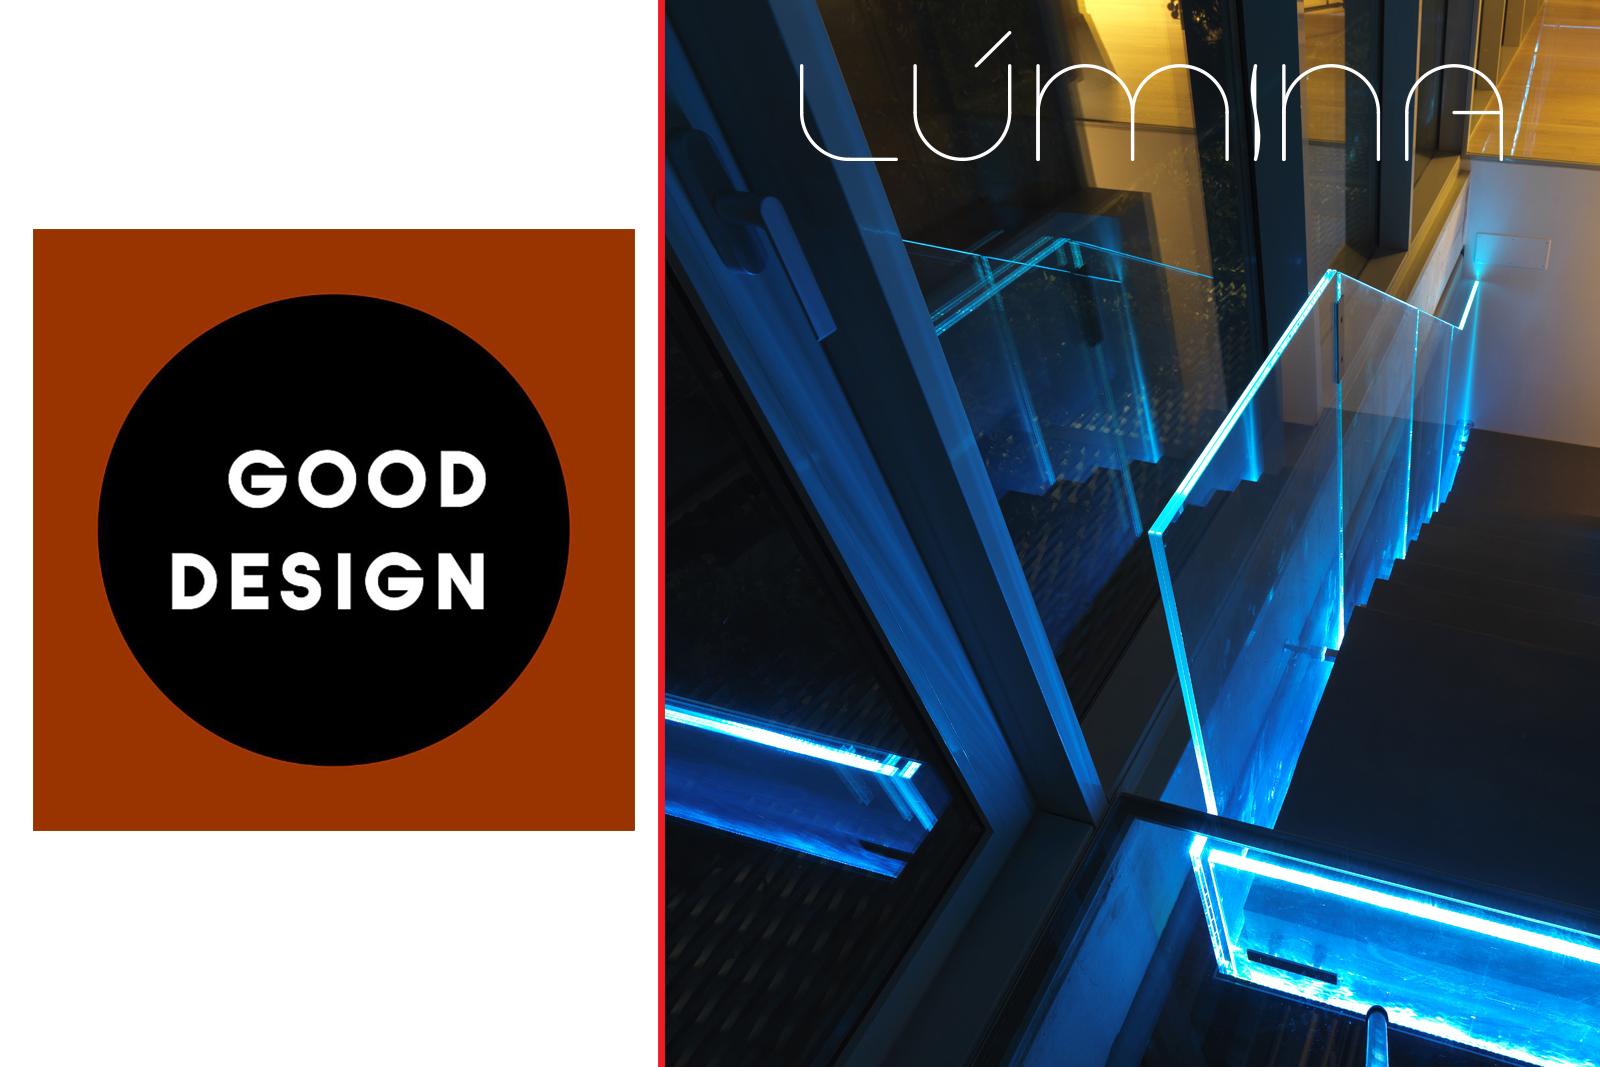 Good design award 2012